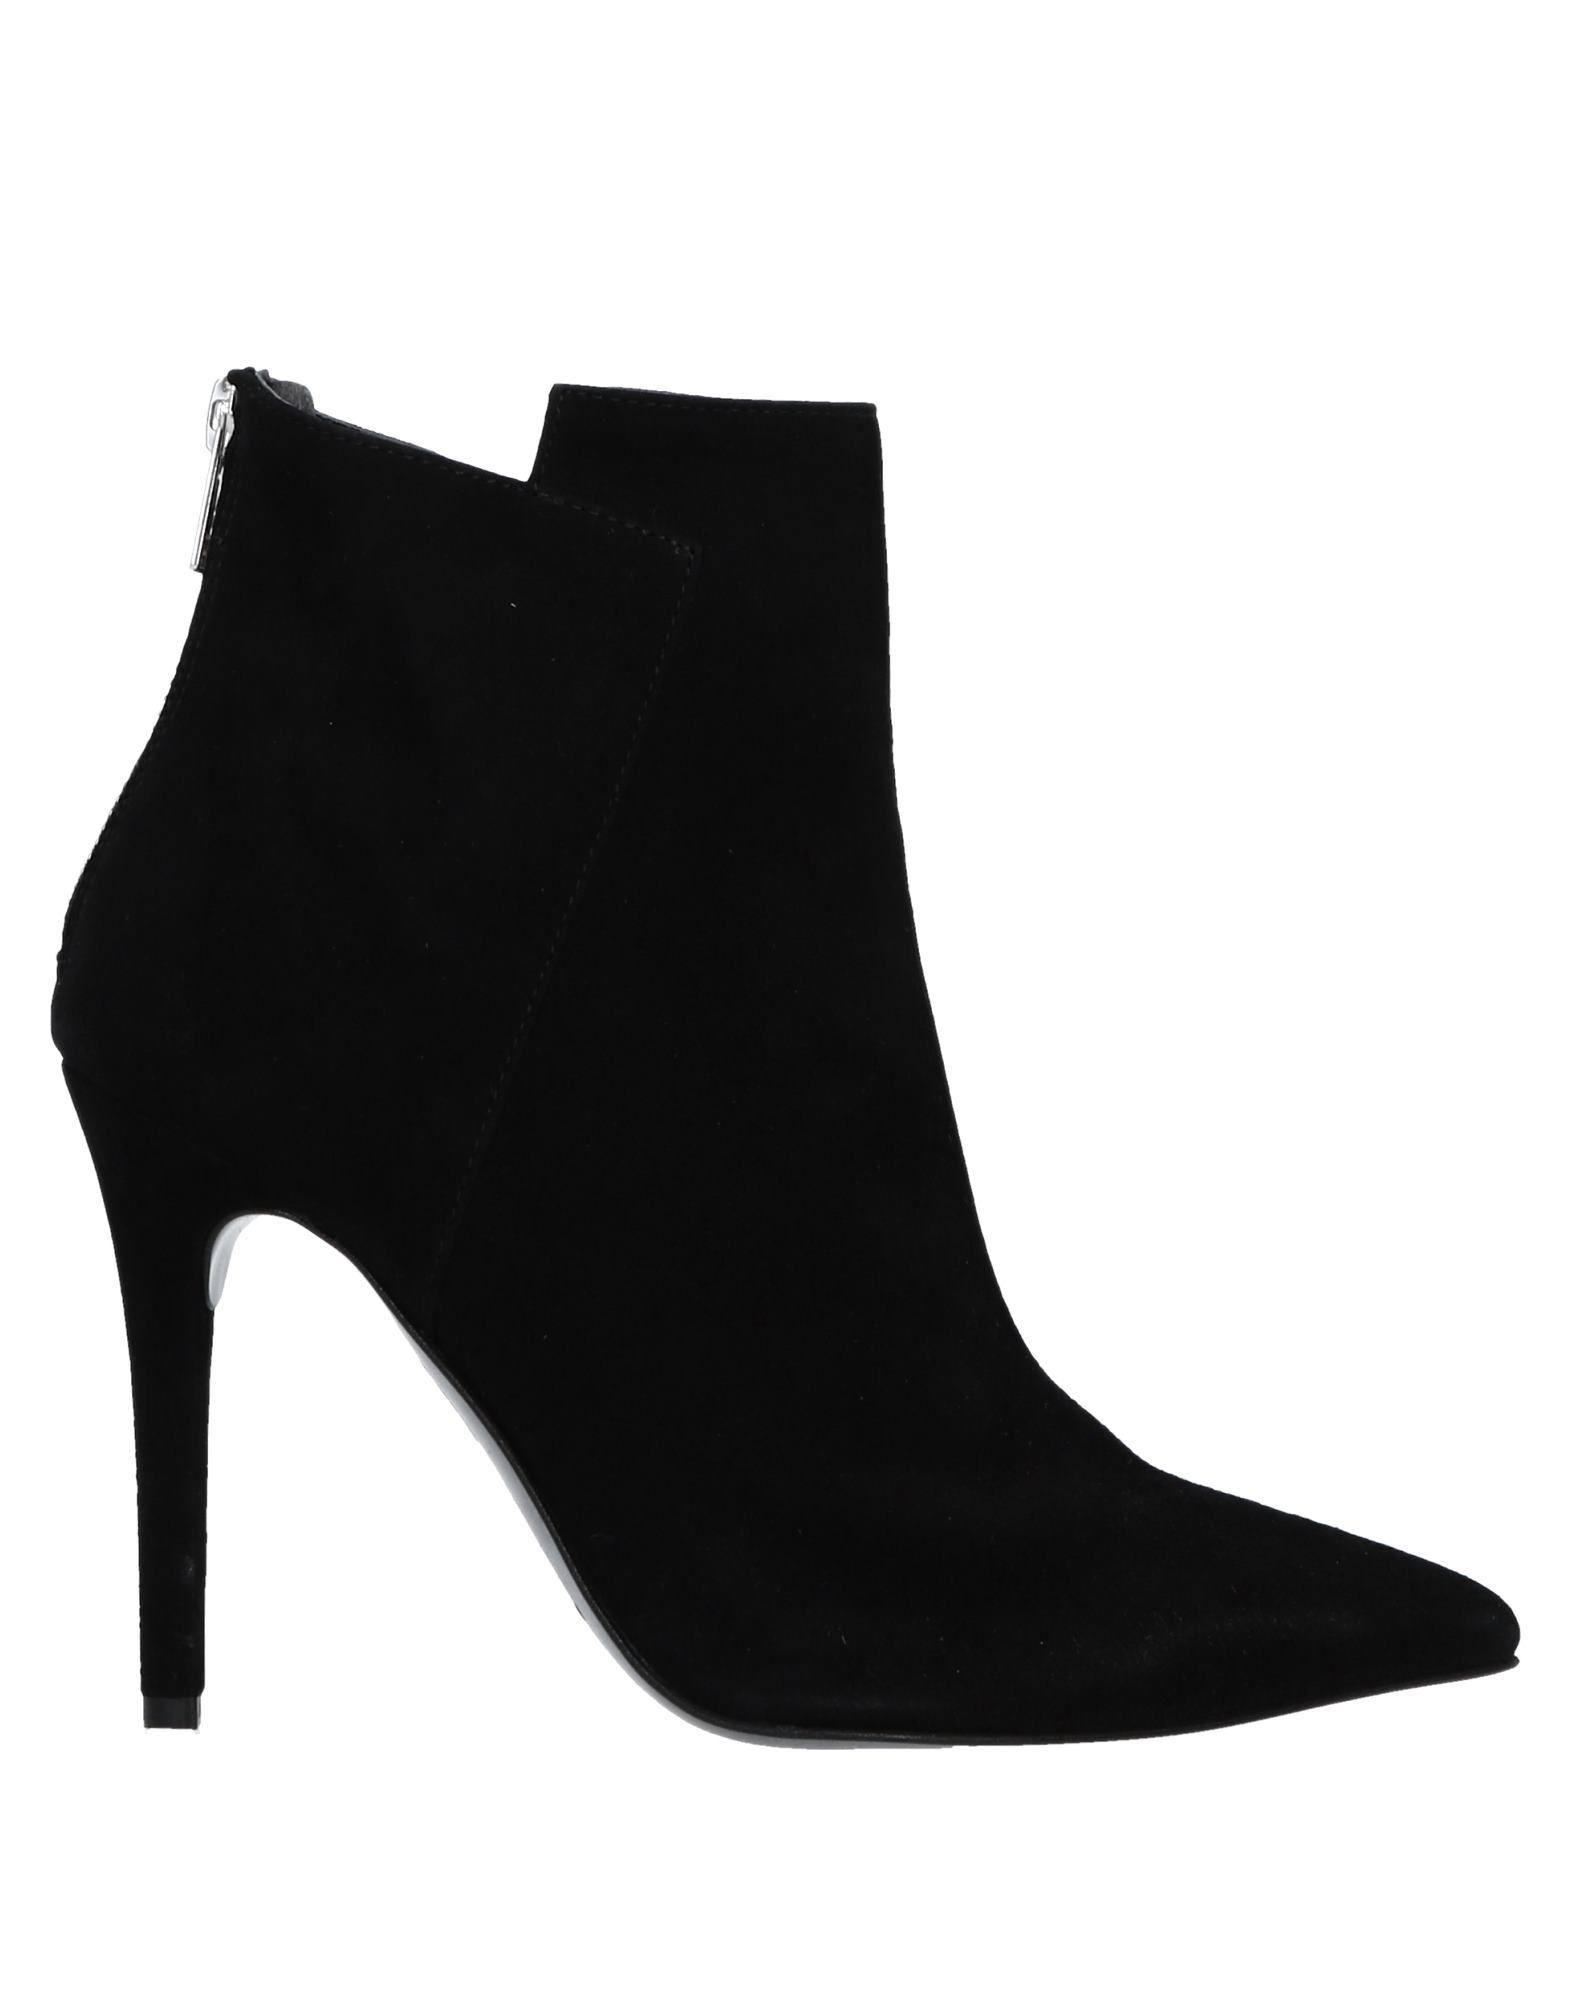 Bagatt Stiefelette beliebte Damen  11513205VI Gute Qualität beliebte Stiefelette Schuhe 23730f